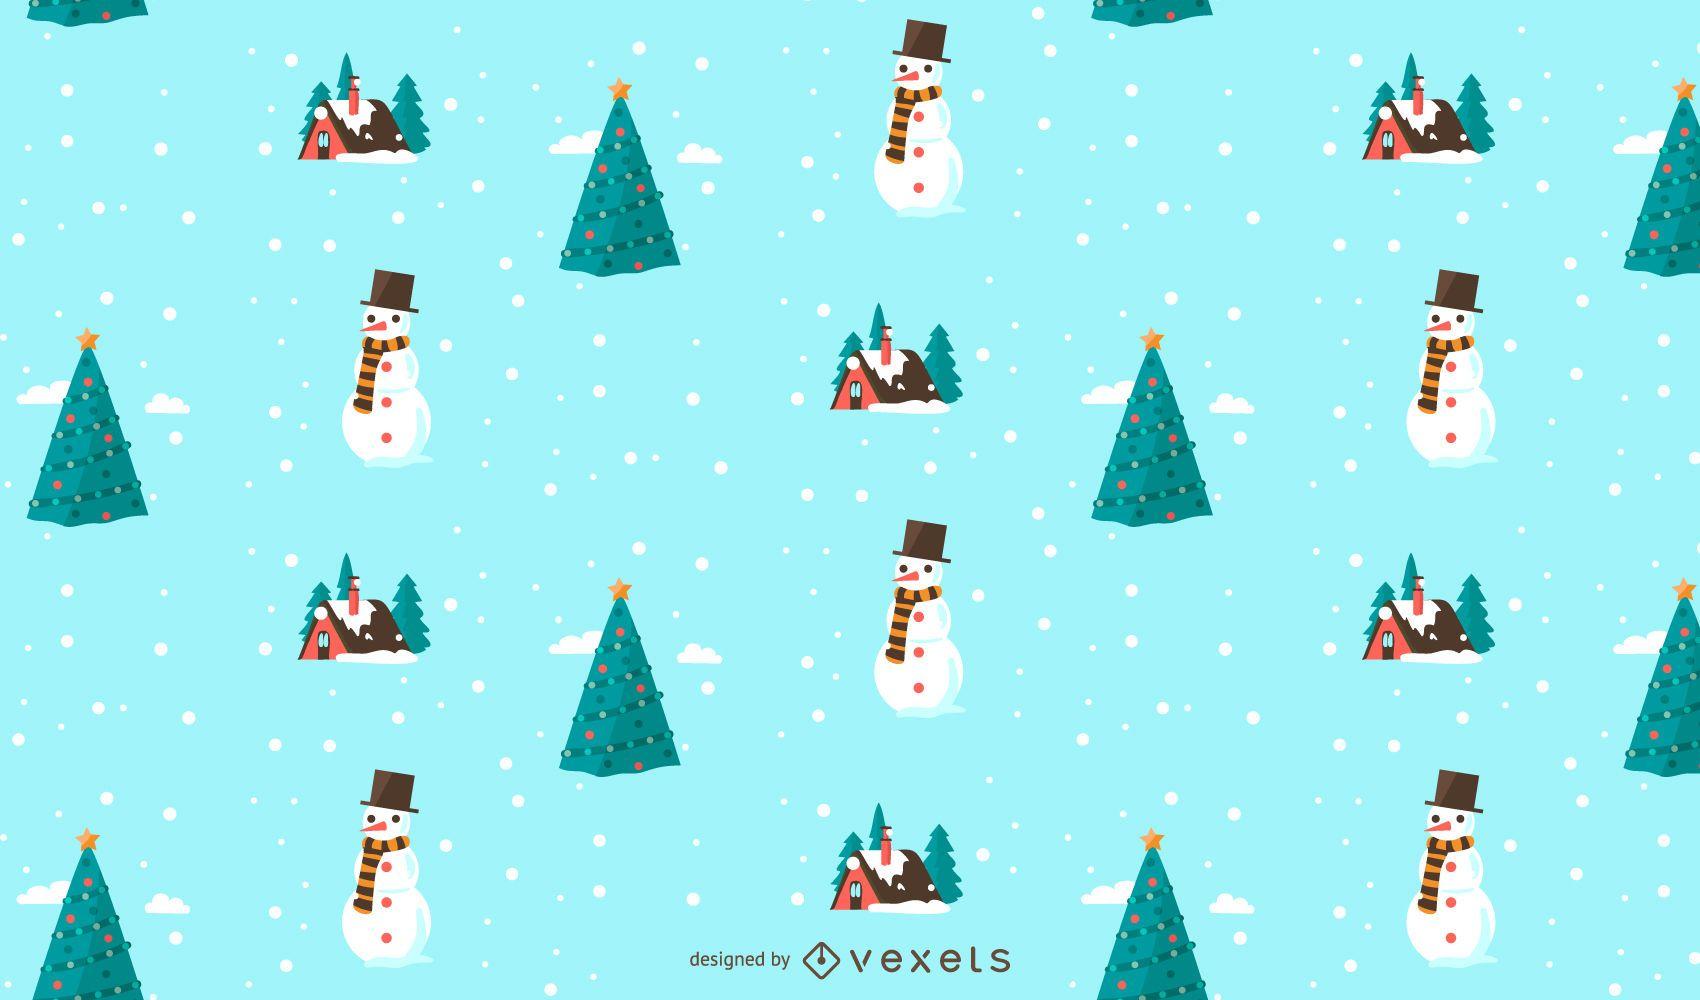 Diseño de patrón de nieve navideña